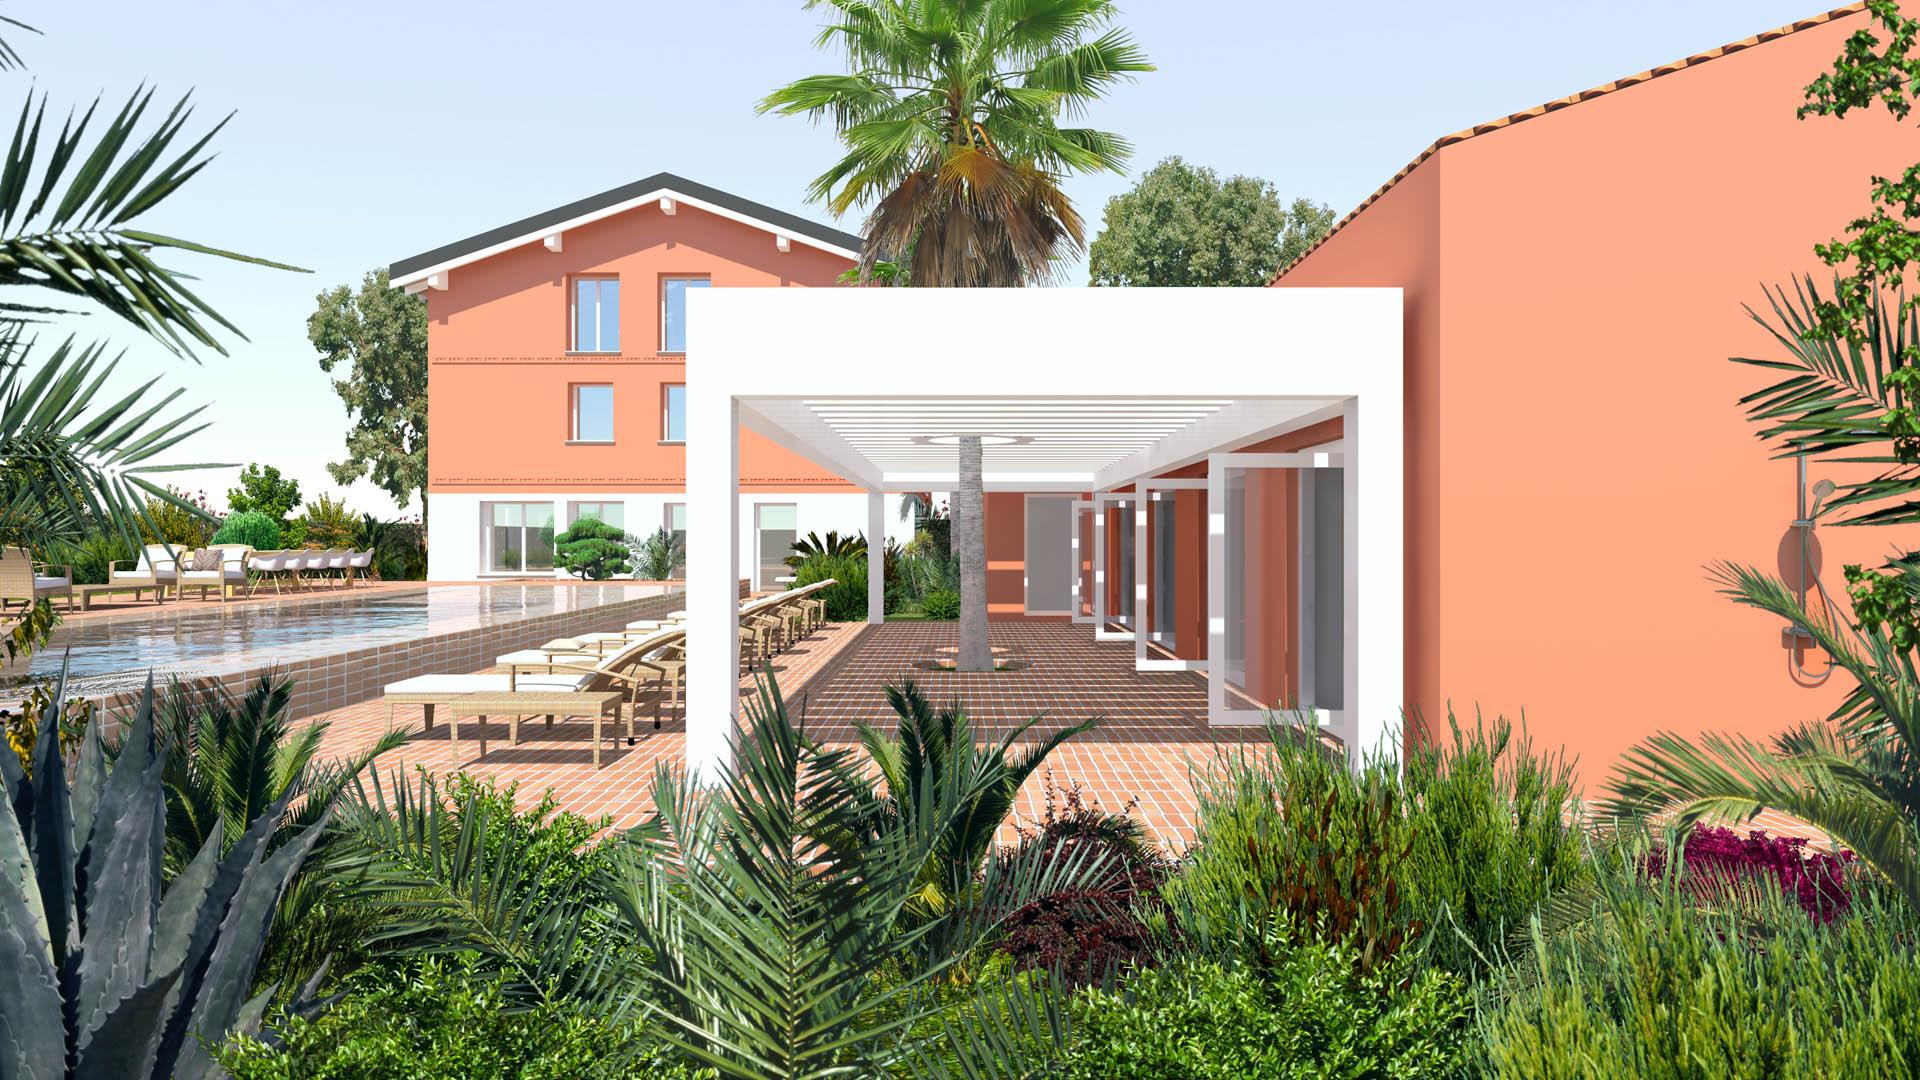 Studio Matteoni Piscina e Pool House nella campagna modenese